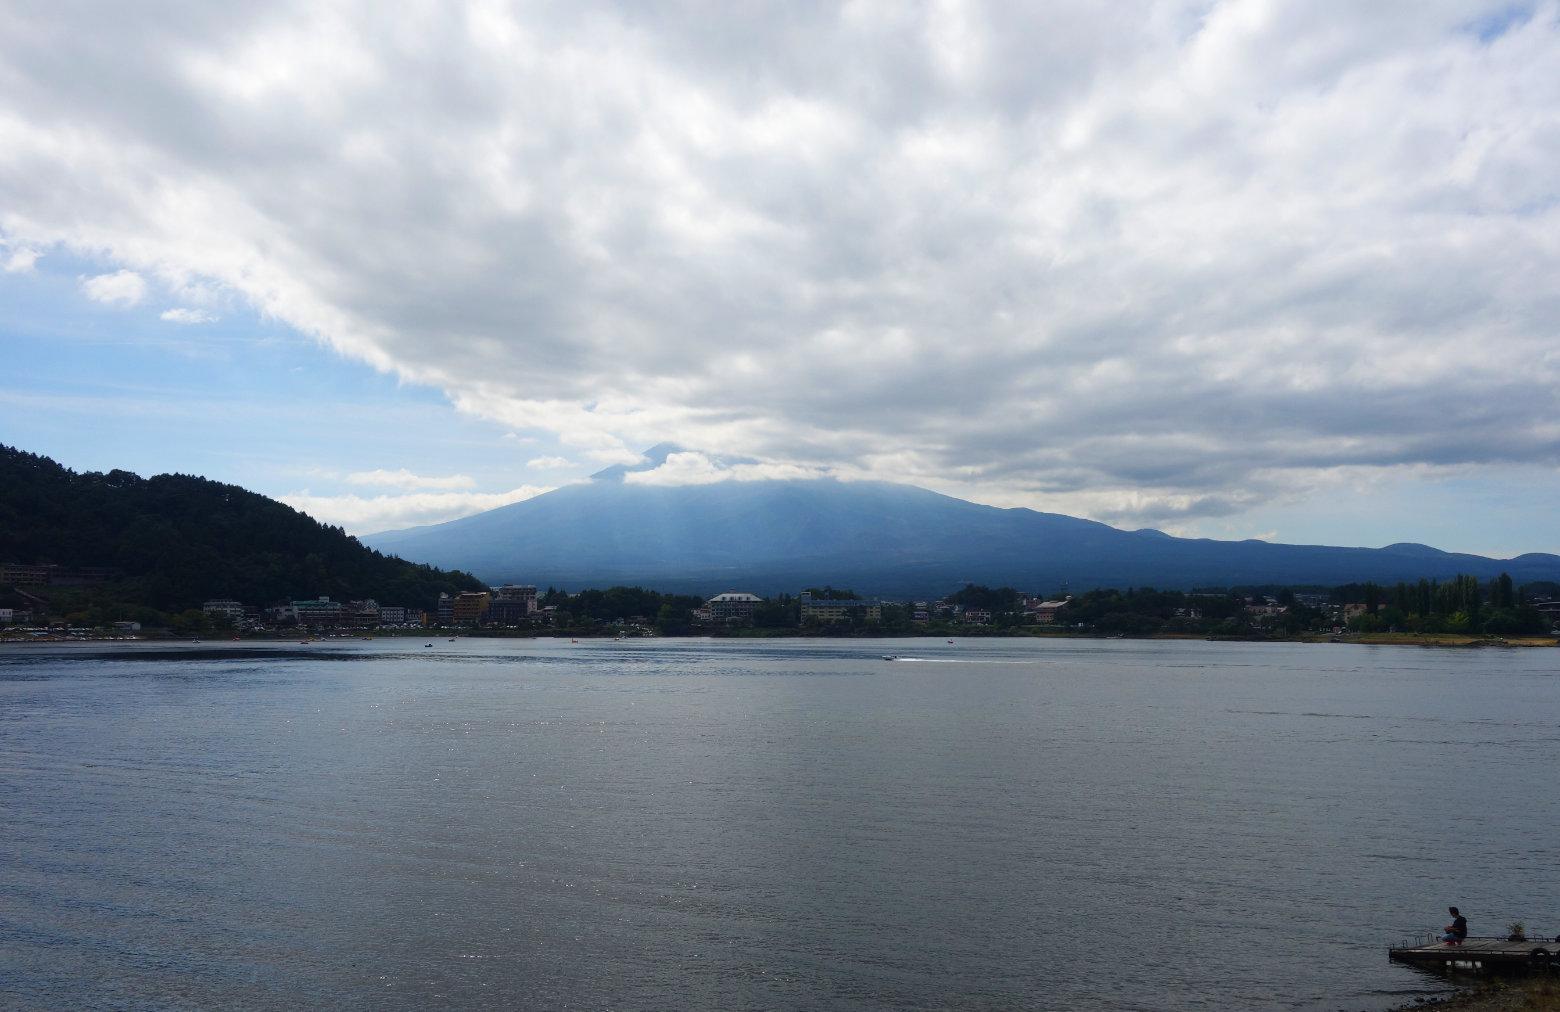 Mt Fuji Blick vom Kawaguchiko See